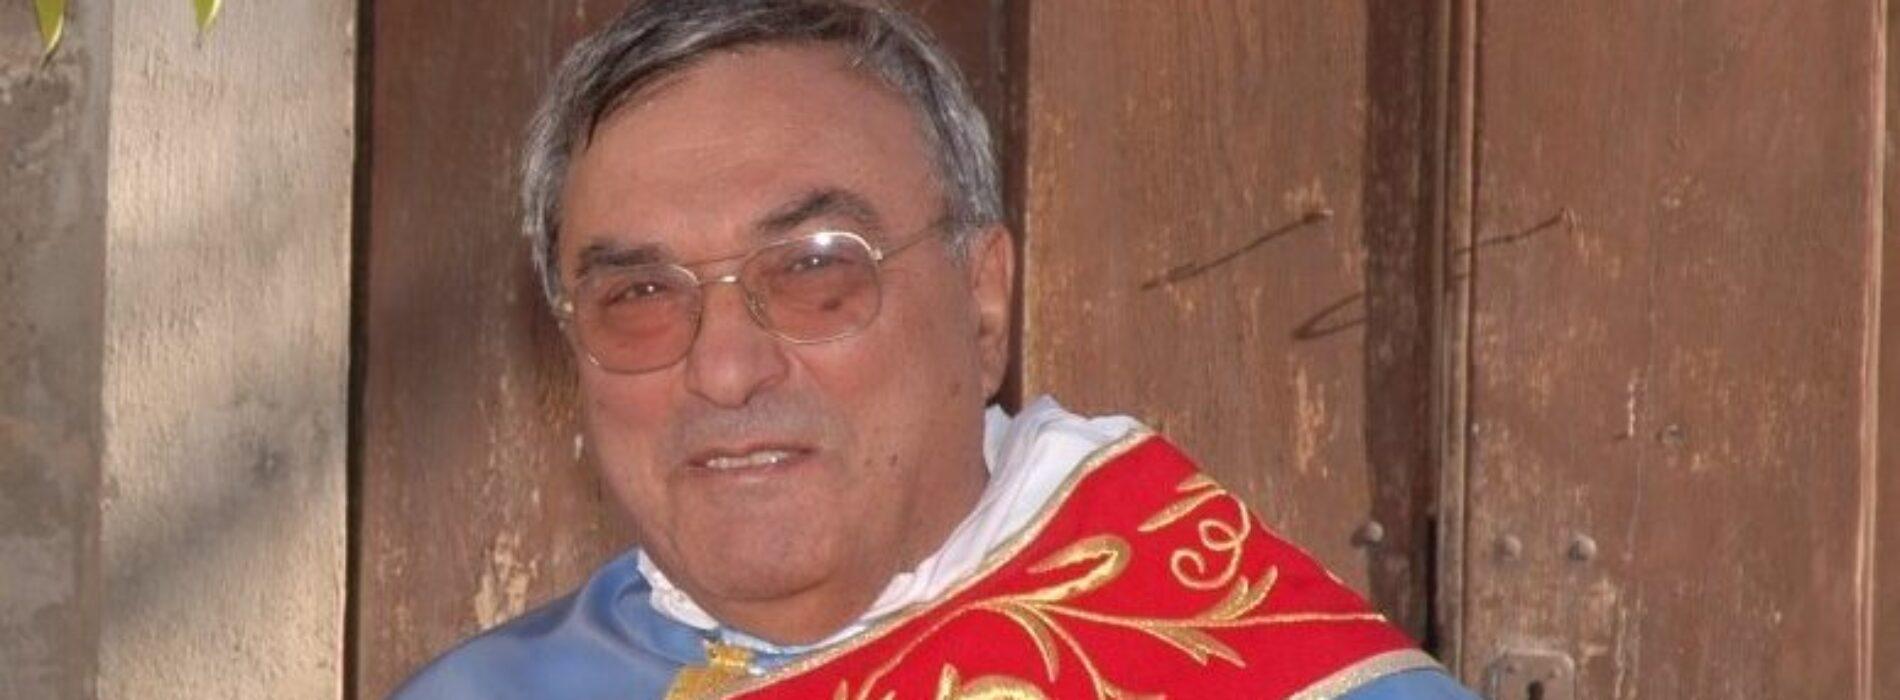 Confraternita Addolorata di Casolla, Bernardo il nuovo priore